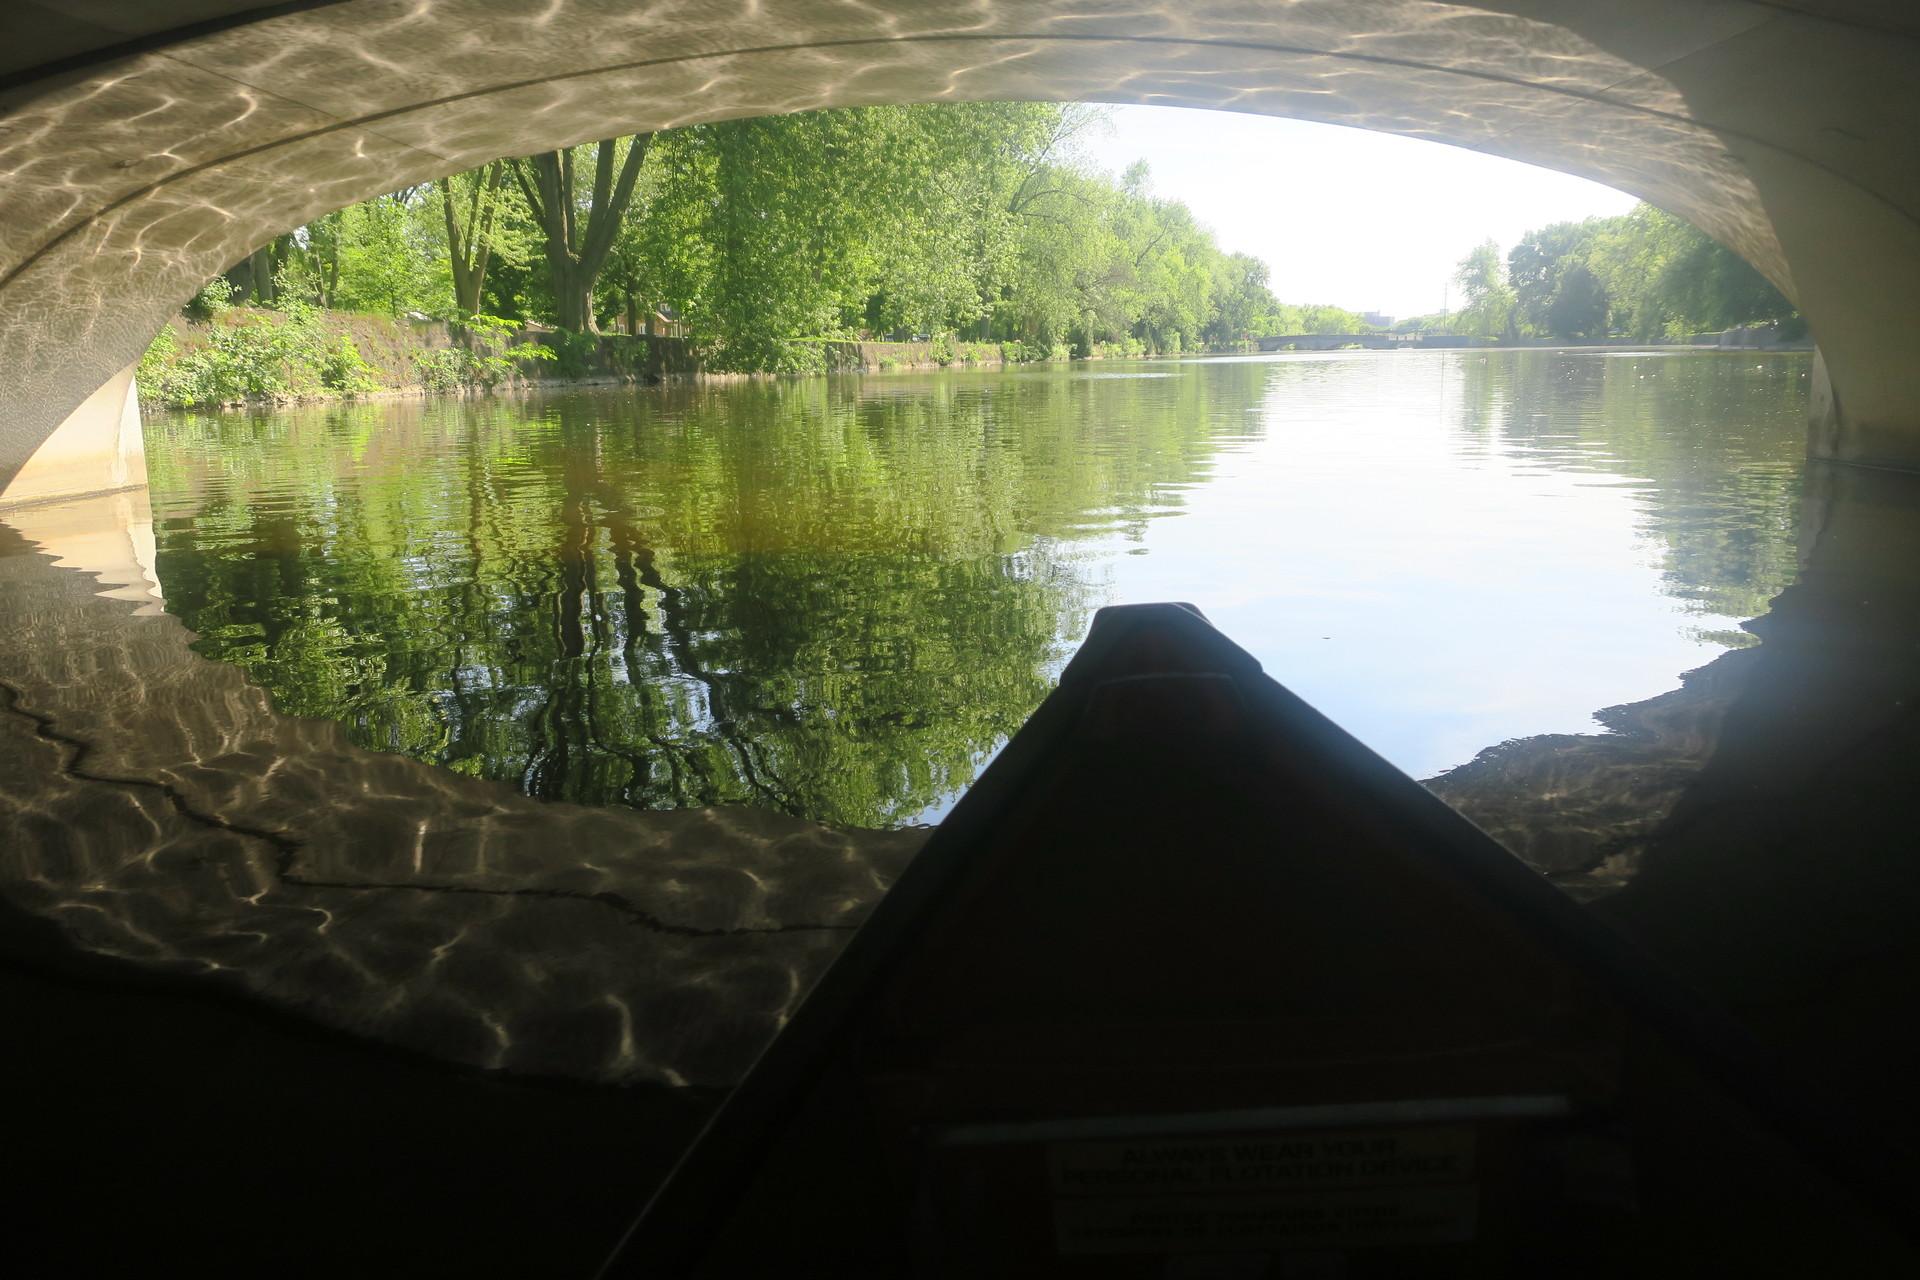 canoeing under a bridge on still water